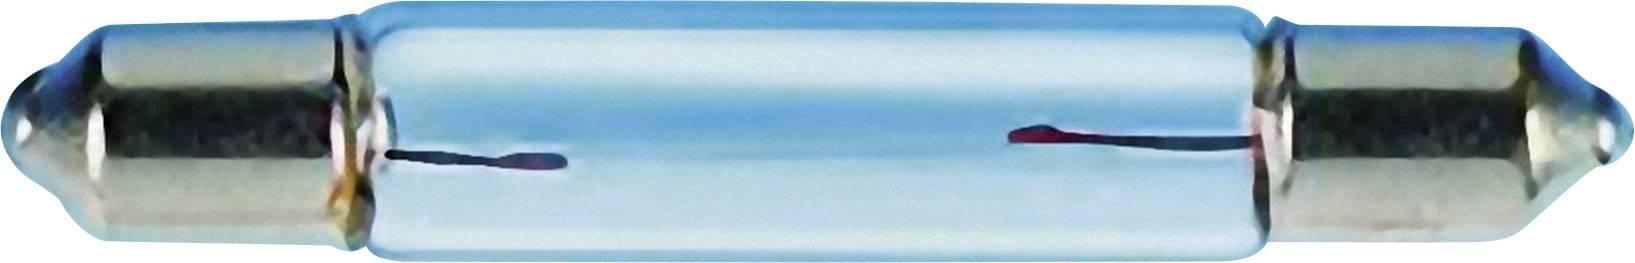 Sufitová žárovka Barthelme 00332403, čirá